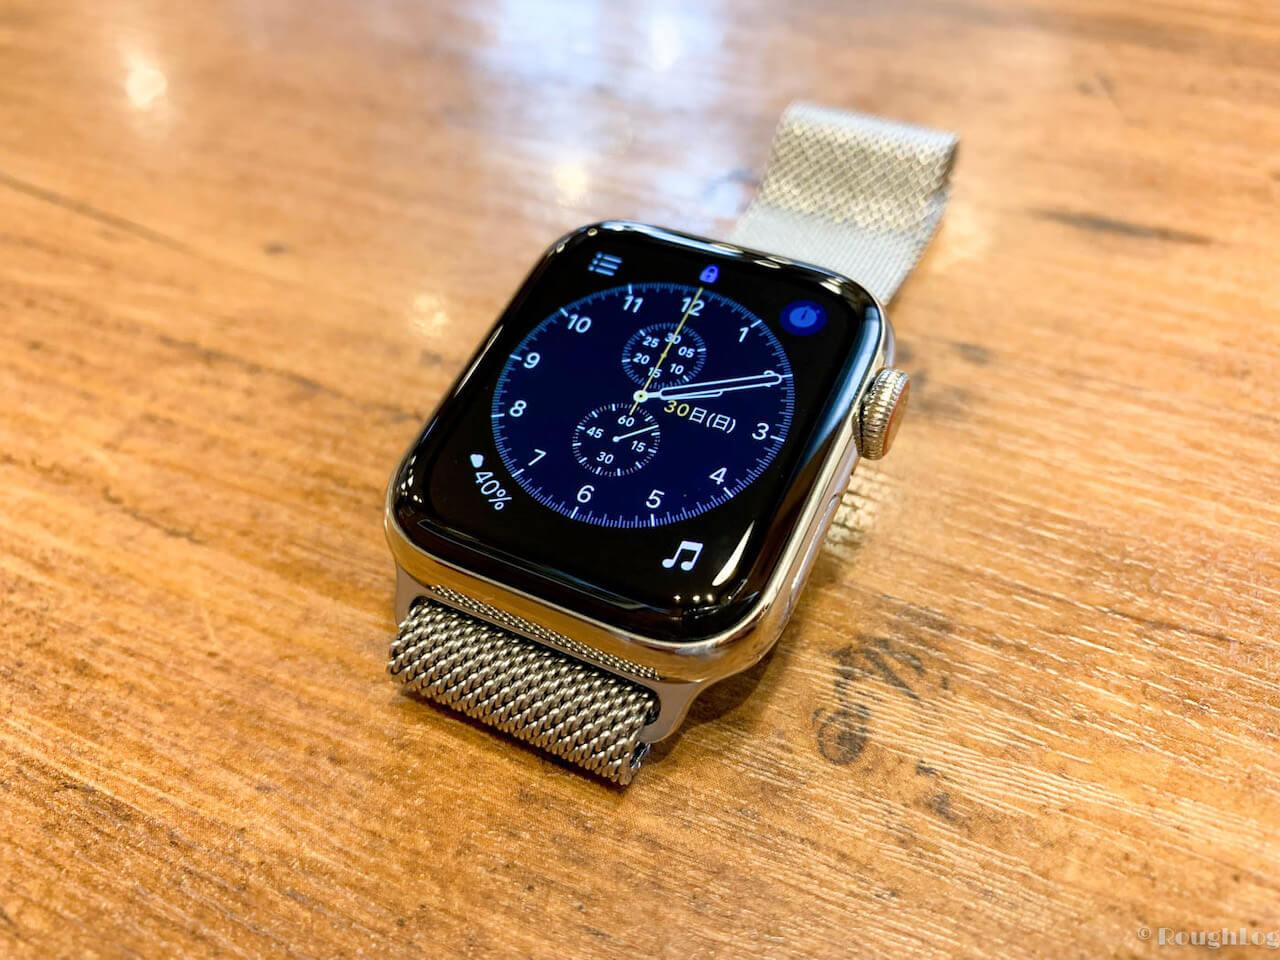 セルラーモデルを選んで大正解。Apple Watchのステンレススチールはオンオフ使いやすい美しさ。